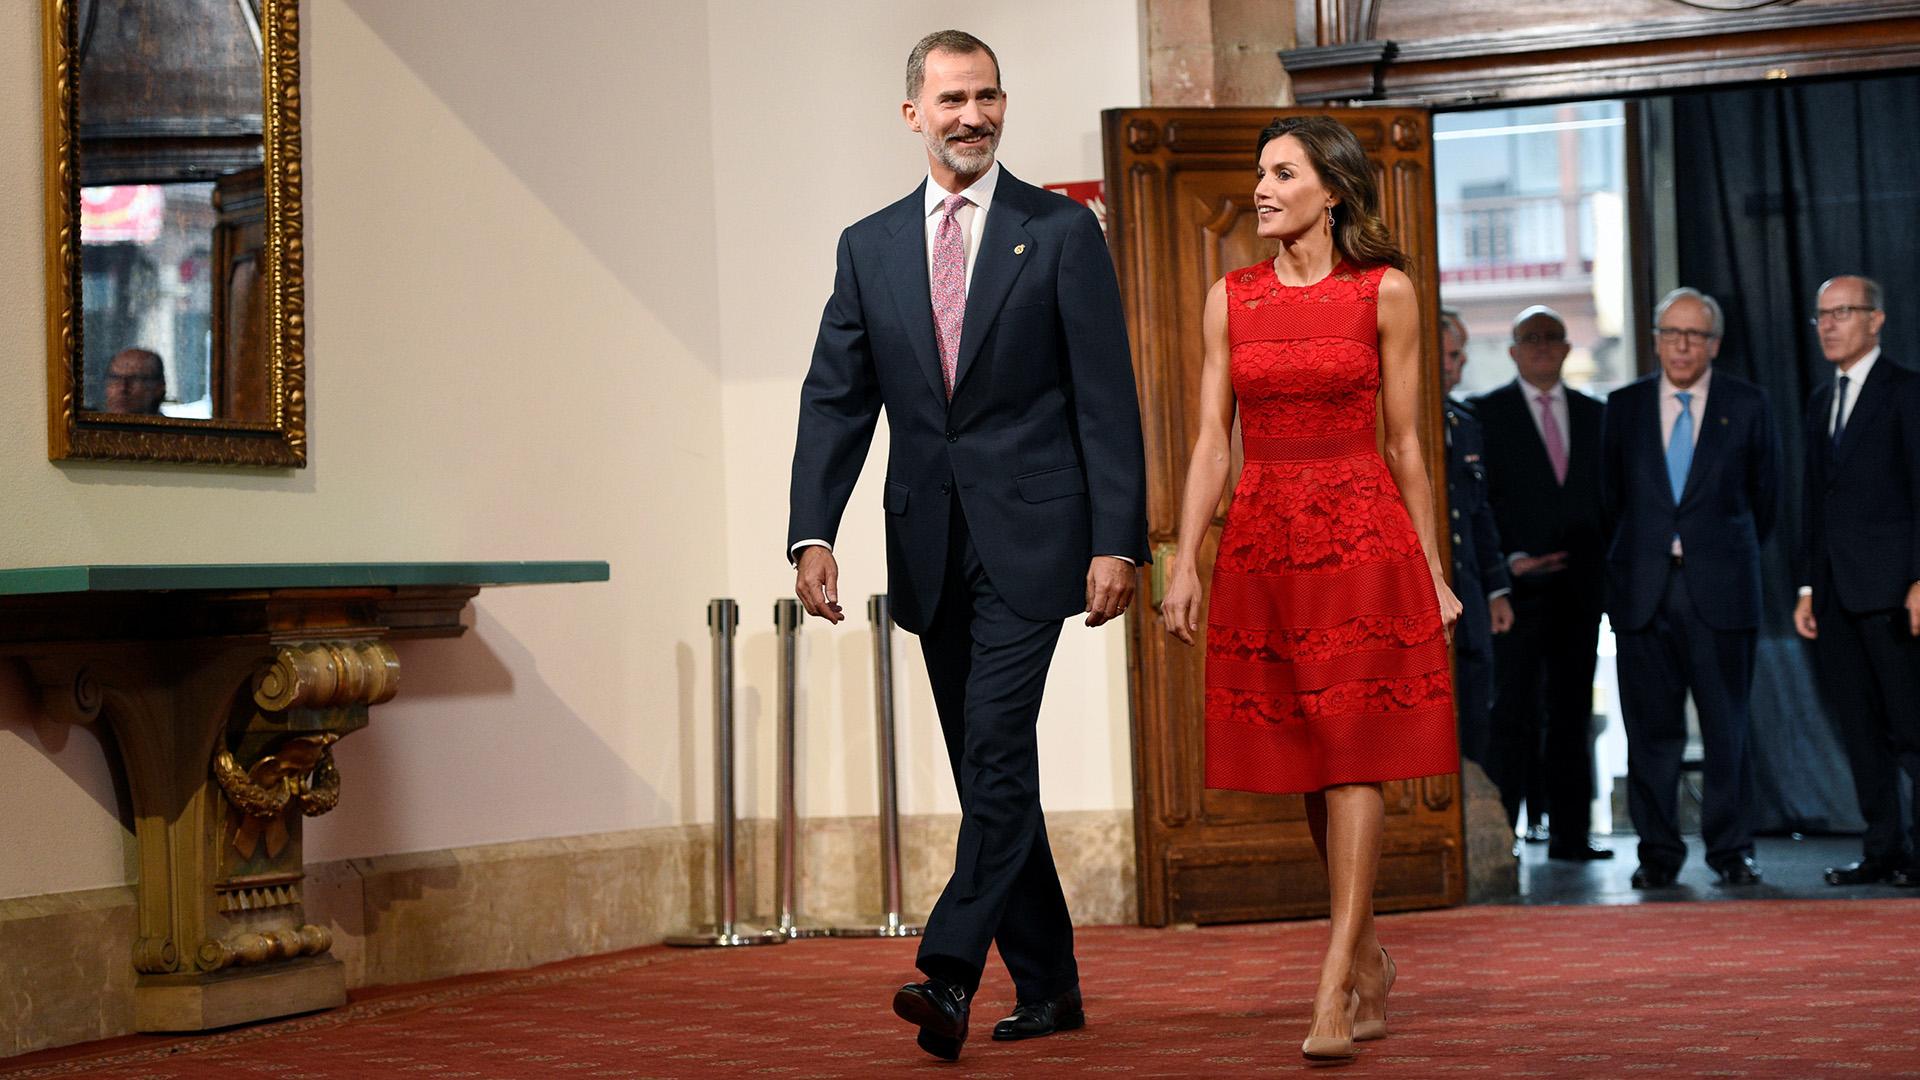 En Oviedo, donde nació Letizia, en la premiación del galardón Príncipe de Asturias.